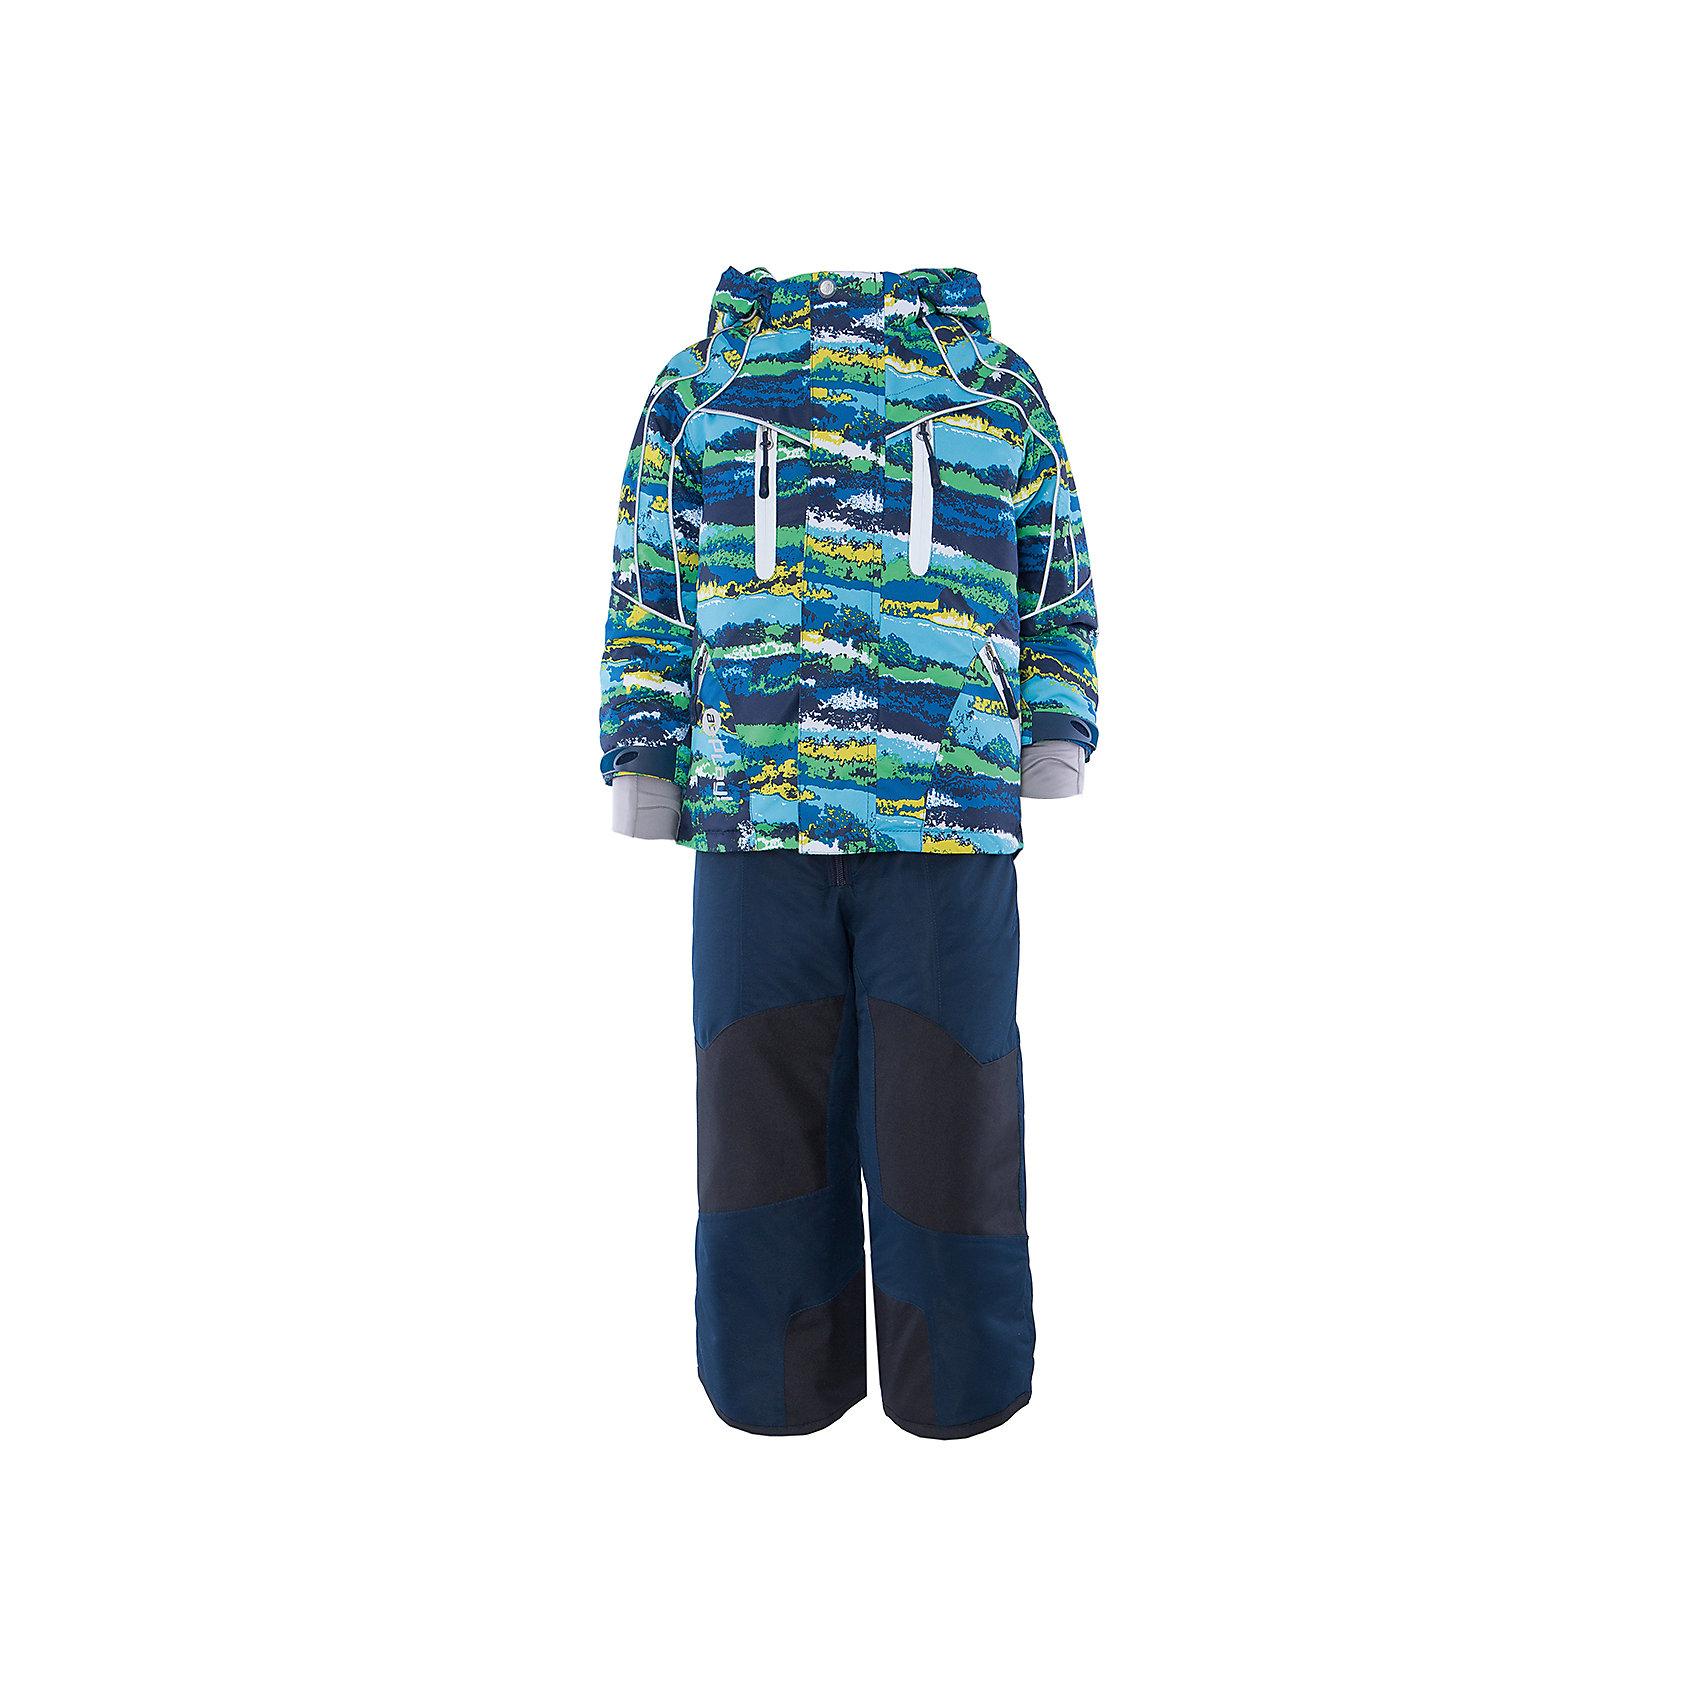 Комплект: куртка и полукомбинезон для мальчика atPlay!Верхняя одежда<br>В холода необходимо особенно тщательно подходить к подбору одежды для ребенка. Чтобы обеспечить ему тепло, сухость и комфорт, можно выбрать этот костюм, сшитый из мембранного материала.<br>Он позволяет коже дышать, помогает выводить лишнюю влагу, при этом не позволяет ребенку замерзнуть или промокнуть. Выглядит при этом модель очень симпатично! Изделие выполнено очень качественно. Фурнитура для него подбиралась с учетом особенностей детского организма. В комплекте идет курточка и полукомбинезон.<br><br><br>Дополнительная информация:<br><br>цвет: зеленый;<br>материал: полиэстер, фурнитура YKK, водо- и грязеотталкивающее покрытие Teflon, нижний комбинезон - флис;<br>утеплитель: Thinsulate 150 г;<br>температурный режим: от -25° С до +5° С;<br>мягкие элементы на капюшоне и воротнике;<br>паропроницаемость: 10000 г / м.куб. / 24 ч;<br>водонепроницаемость: 10000 мм / 24 ч;<br>швы проклеены;<br>капюшон регулируется.<br><br>Костюм для мальчика от бренда atPlay! можно приобрести в нашем интернет-магазине.<br><br>Ширина мм: 356<br>Глубина мм: 10<br>Высота мм: 245<br>Вес г: 519<br>Цвет: зеленый<br>Возраст от месяцев: 84<br>Возраст до месяцев: 96<br>Пол: Мужской<br>Возраст: Детский<br>Размер: 128,104,110,116,122<br>SKU: 4940527